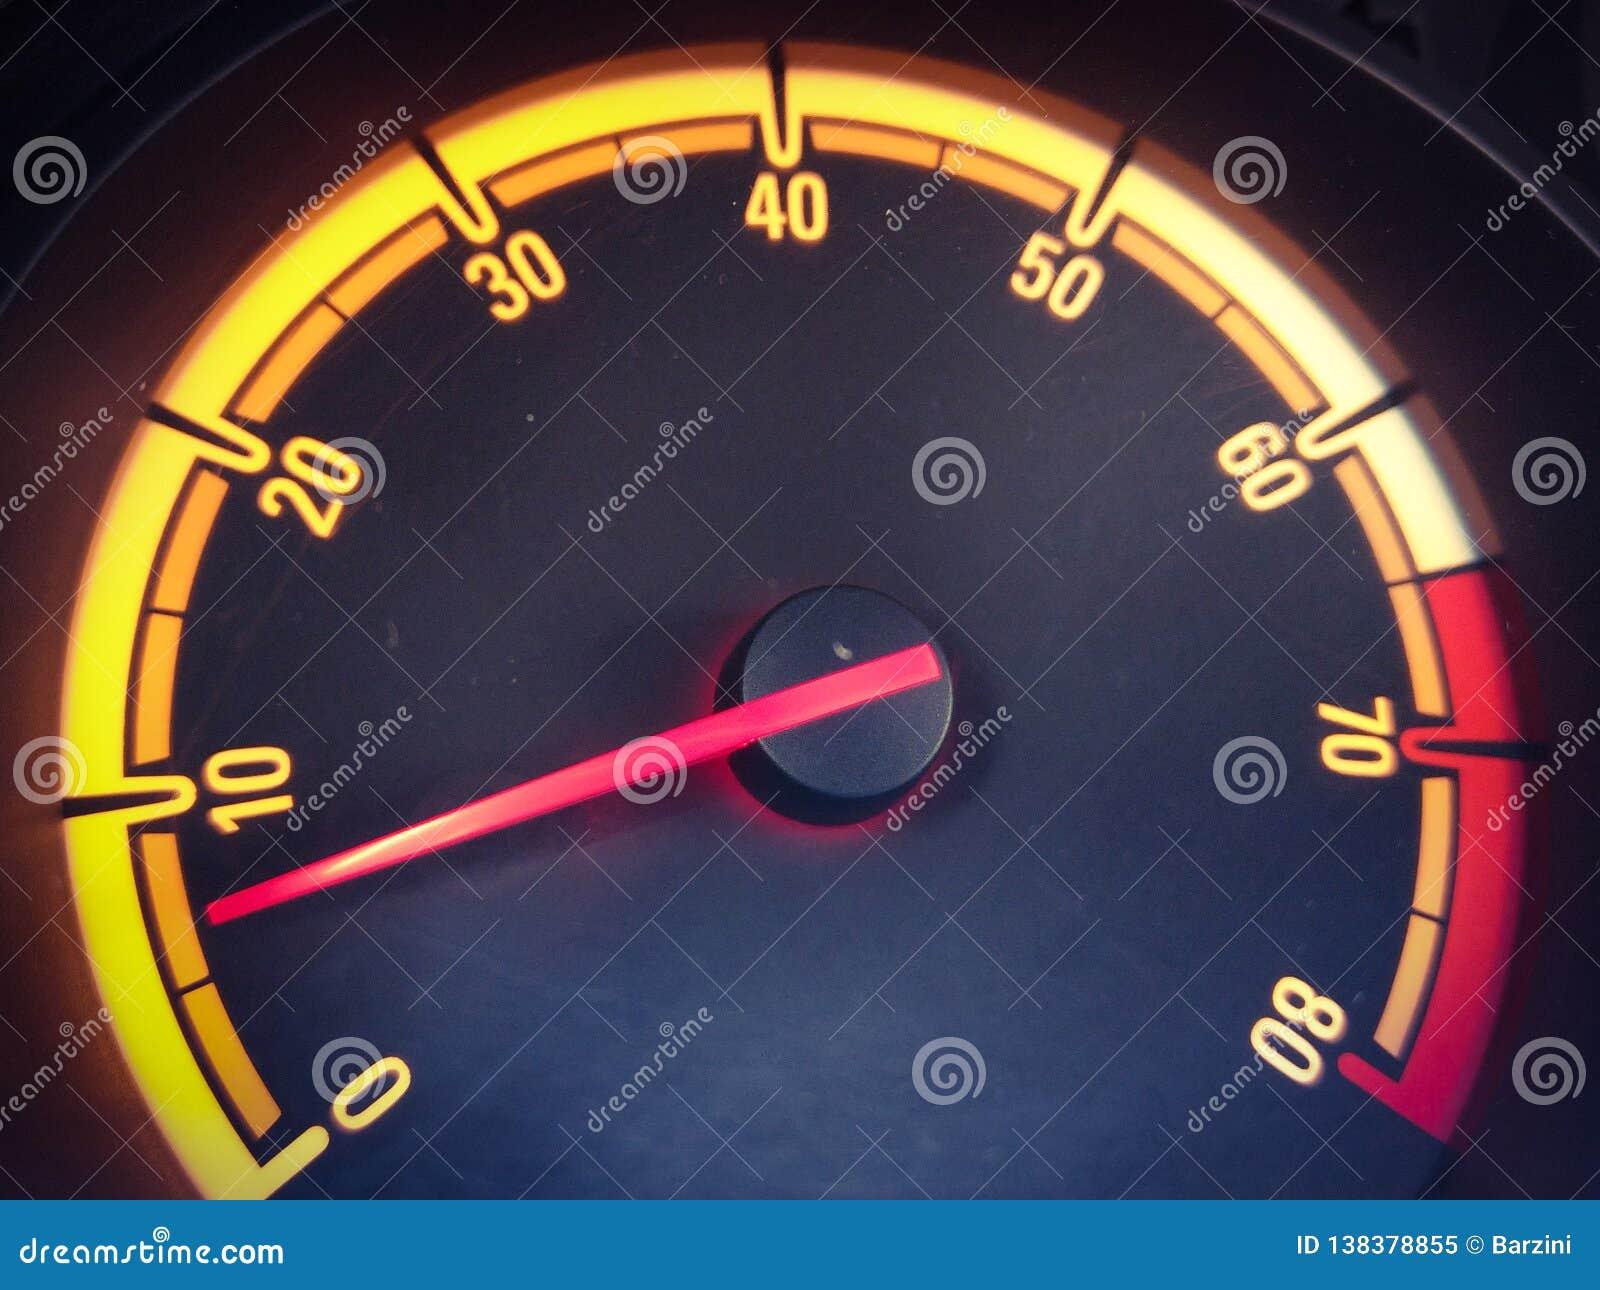 Car rpm indicator stock image  Image of engine, indicator